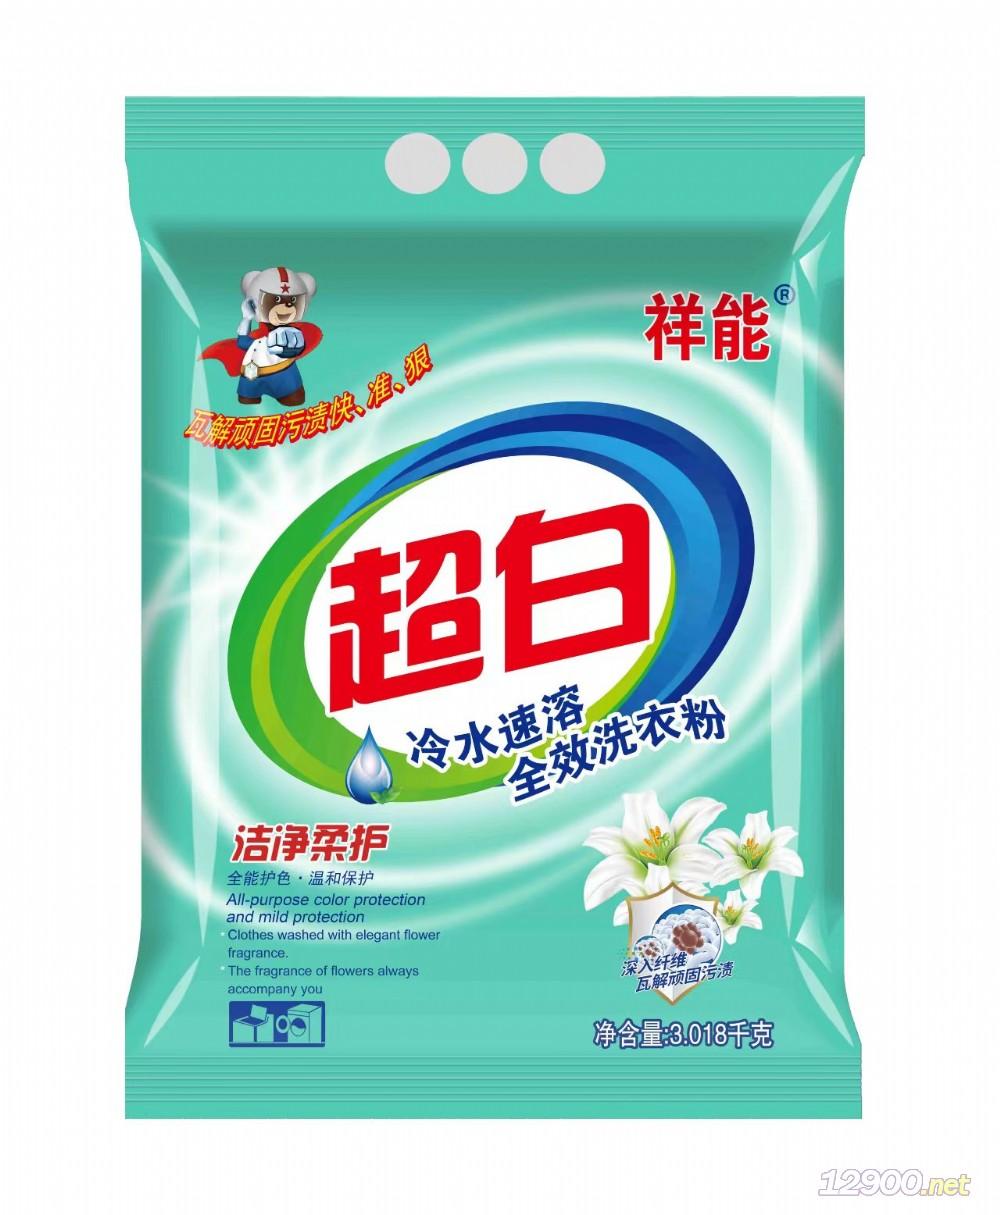 馨美思洁-超白超白洗衣粉